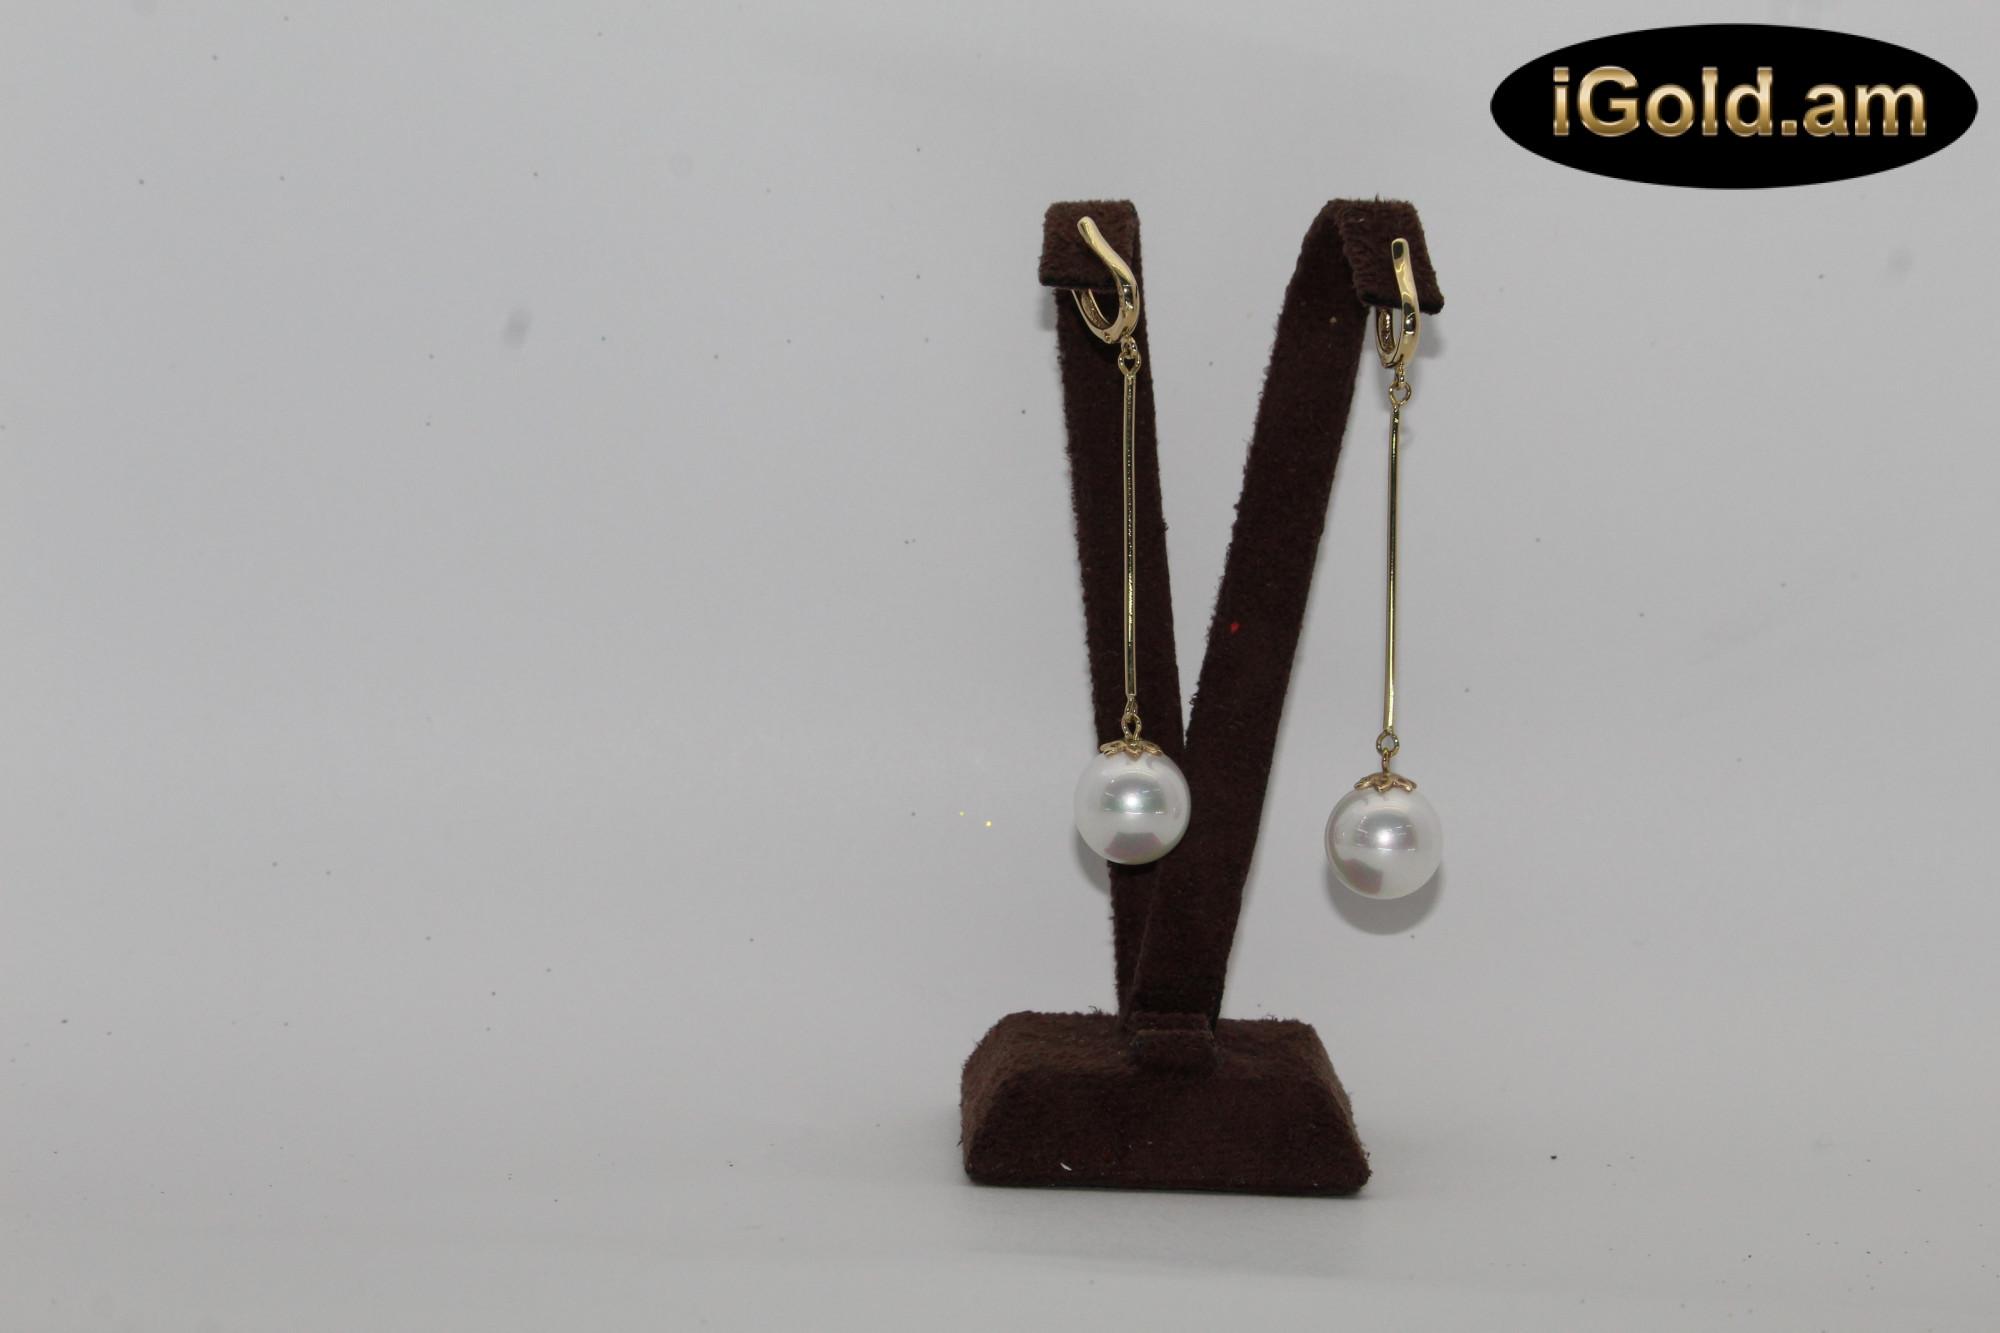 Ոսկյա կանացի ականջօղեր մարգարիտով - 3.8 գր - կոդ 119-122 voskya kanaci akanjoxer margaritov - 3.8 gr